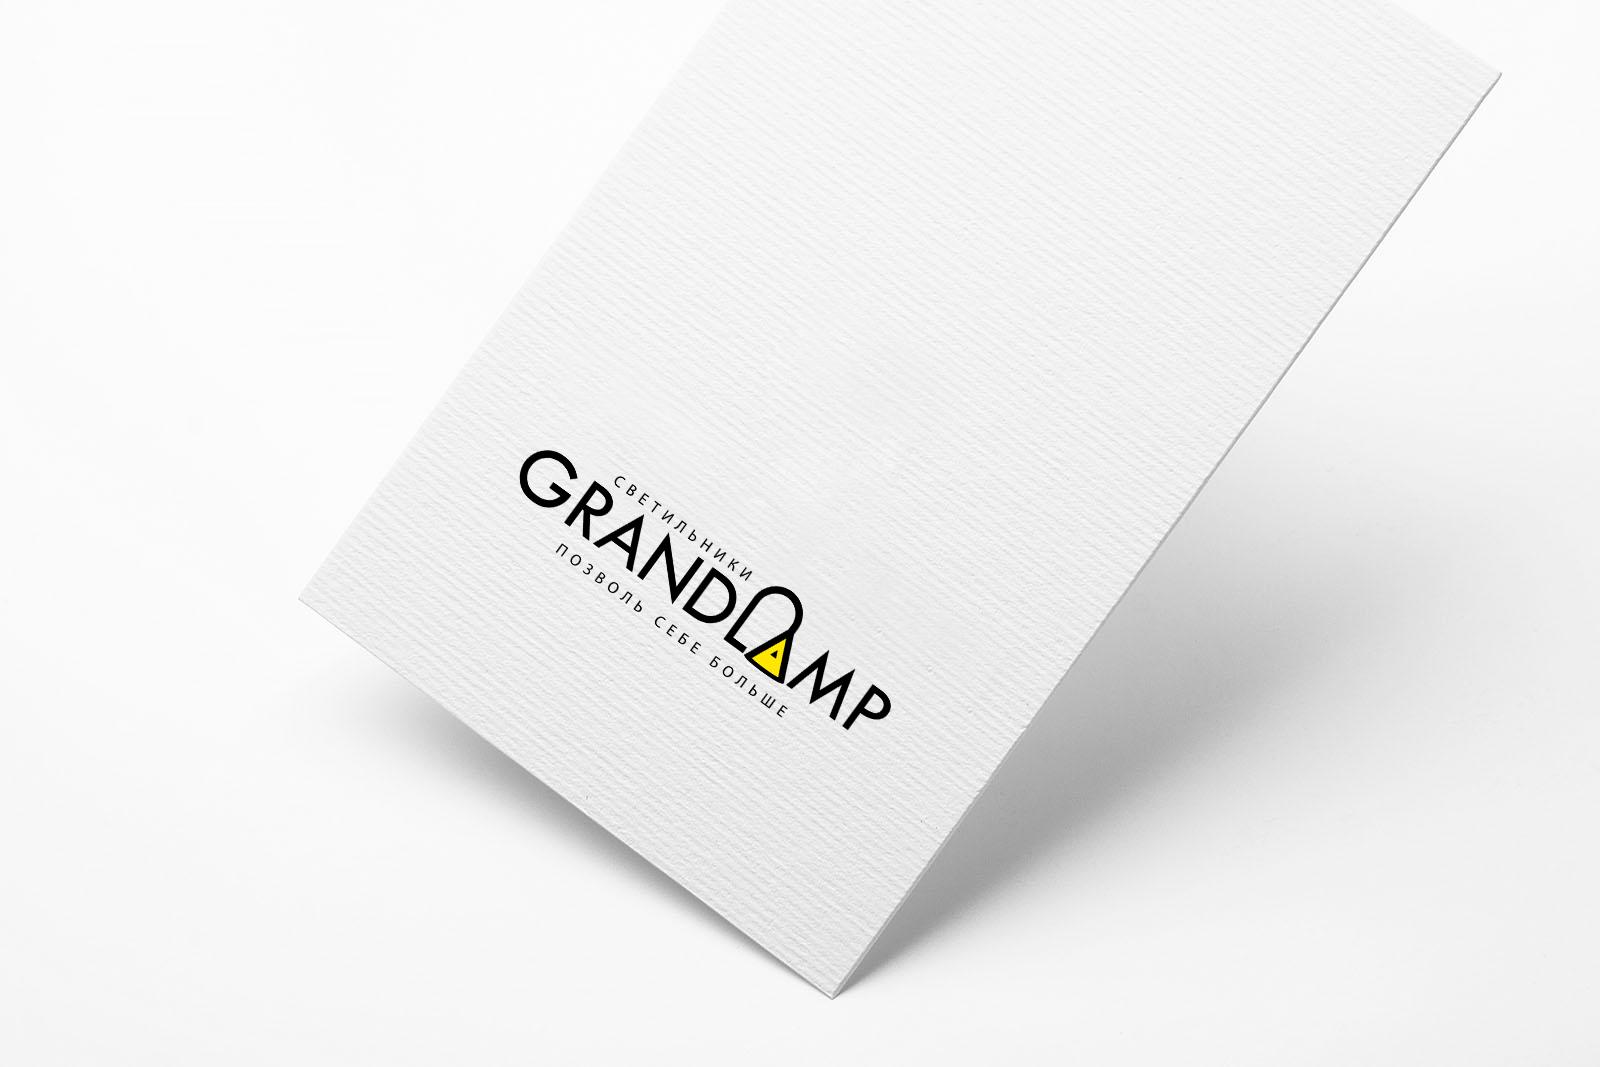 Разработка логотипа и элементов фирменного стиля фото f_20757e123f35ed7b.jpg